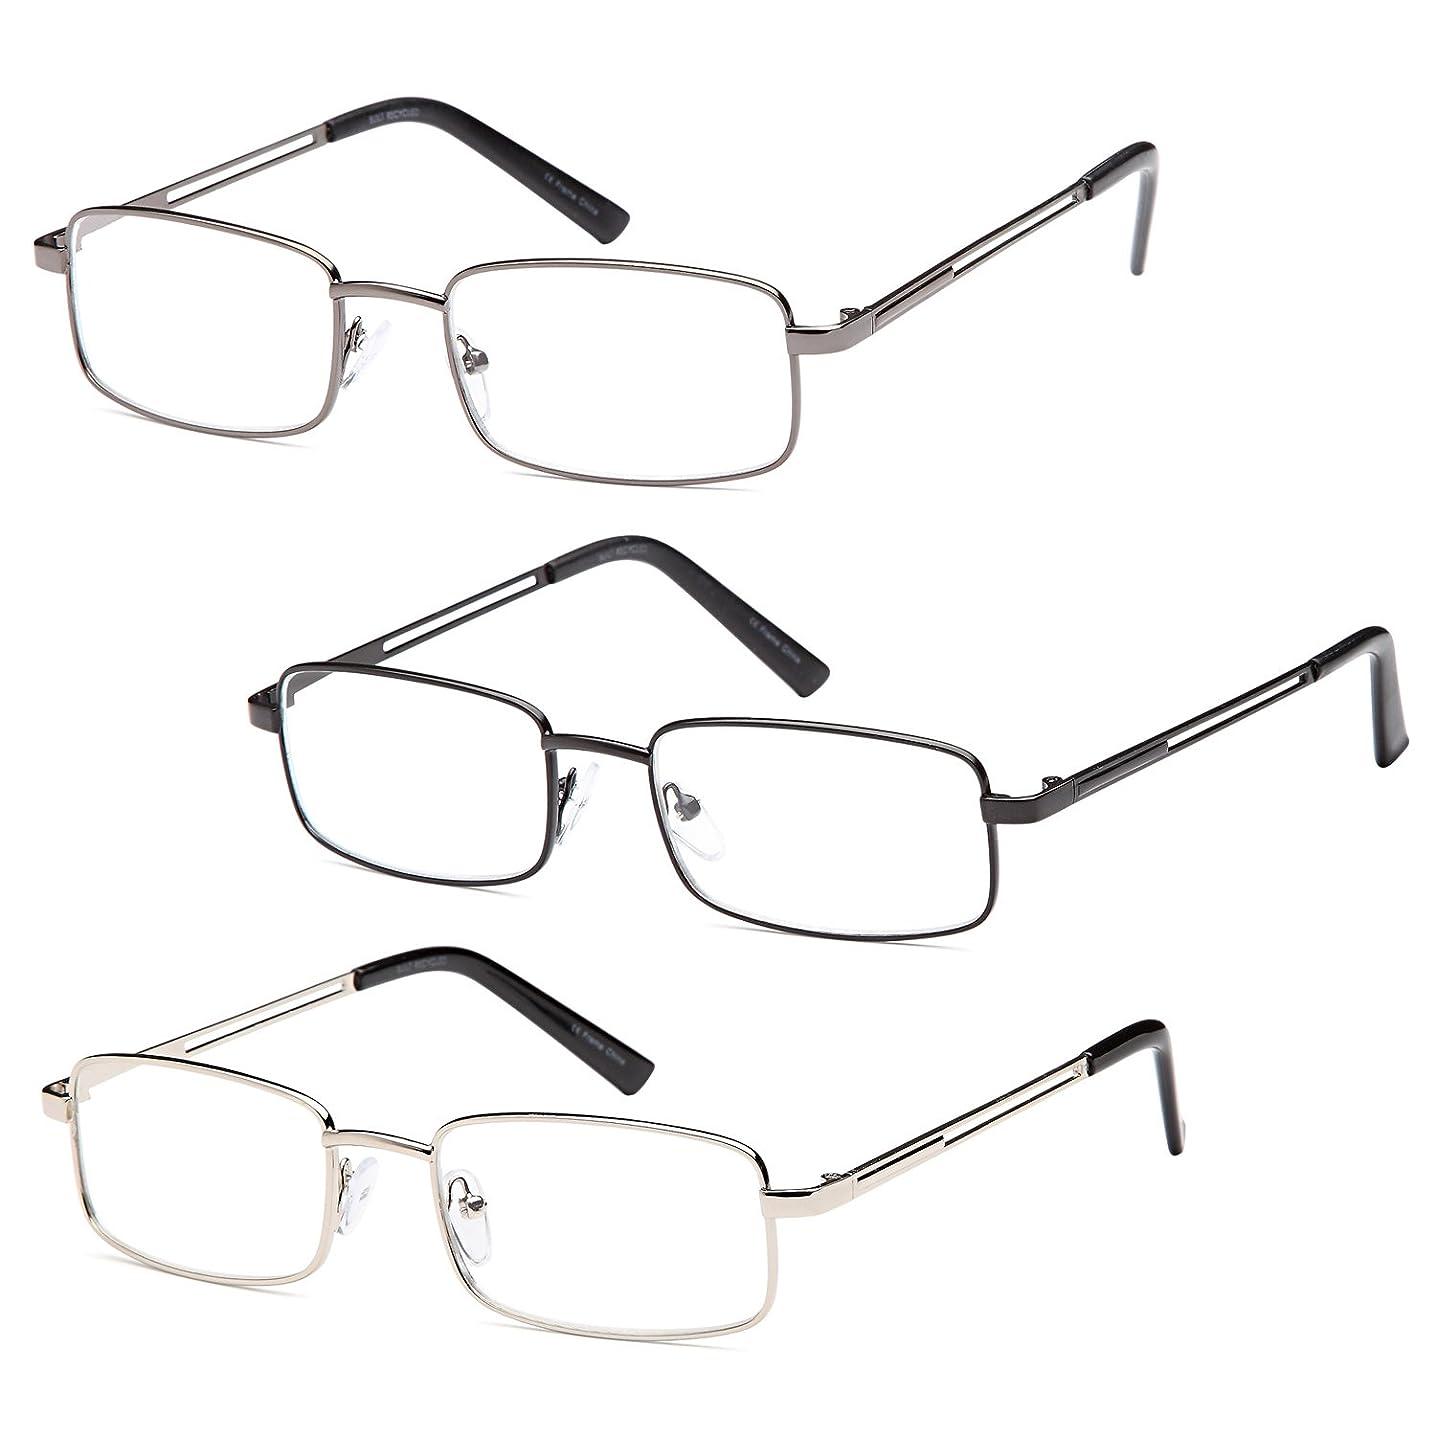 Gamma Ray Men's Reading Glasses - 3 pc Stainless Steel Flex Readers for Men - 1.50